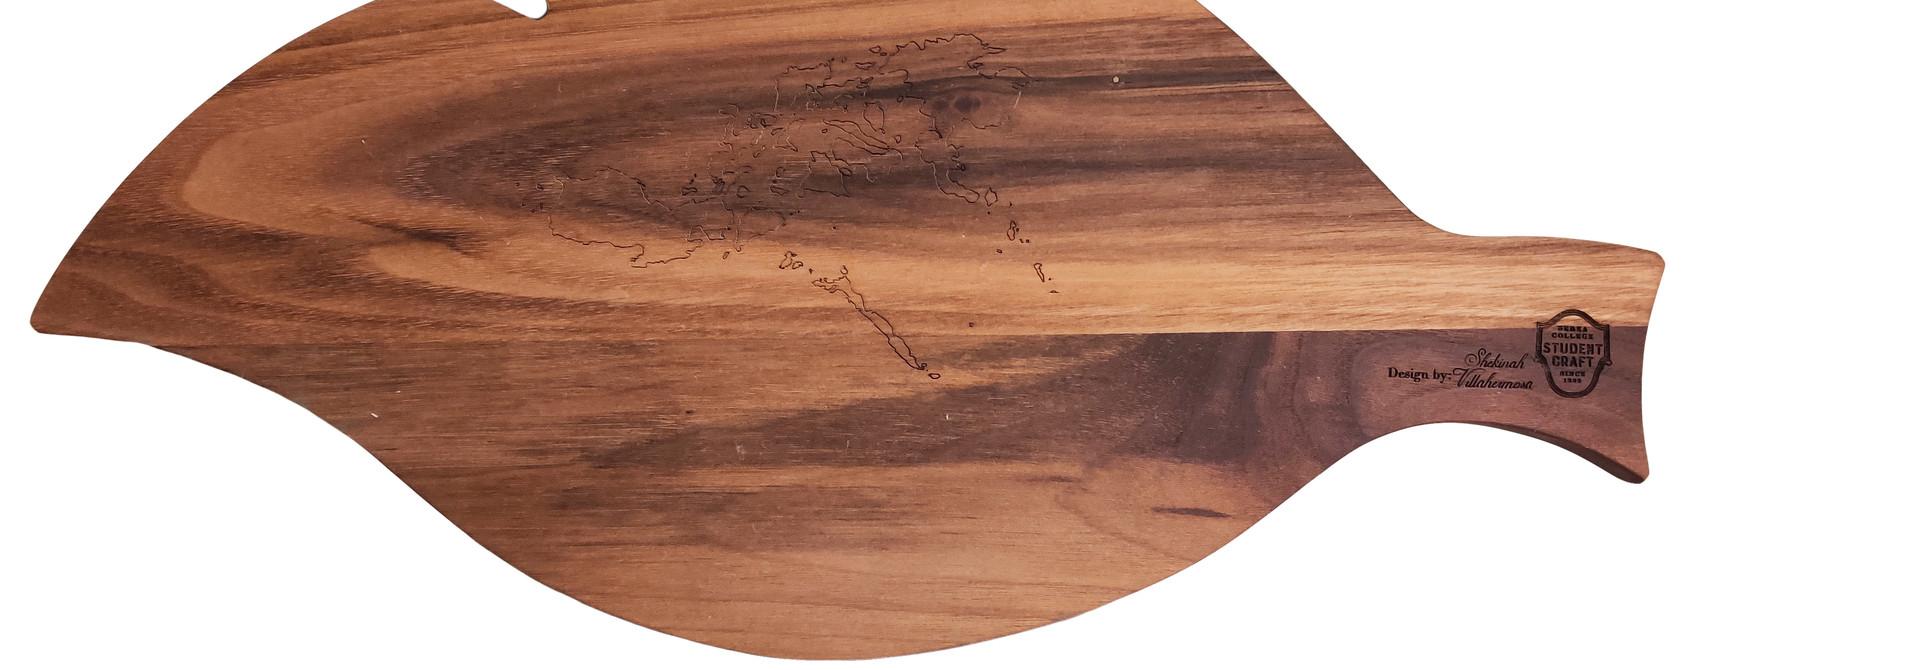 Leaf Cutting Board